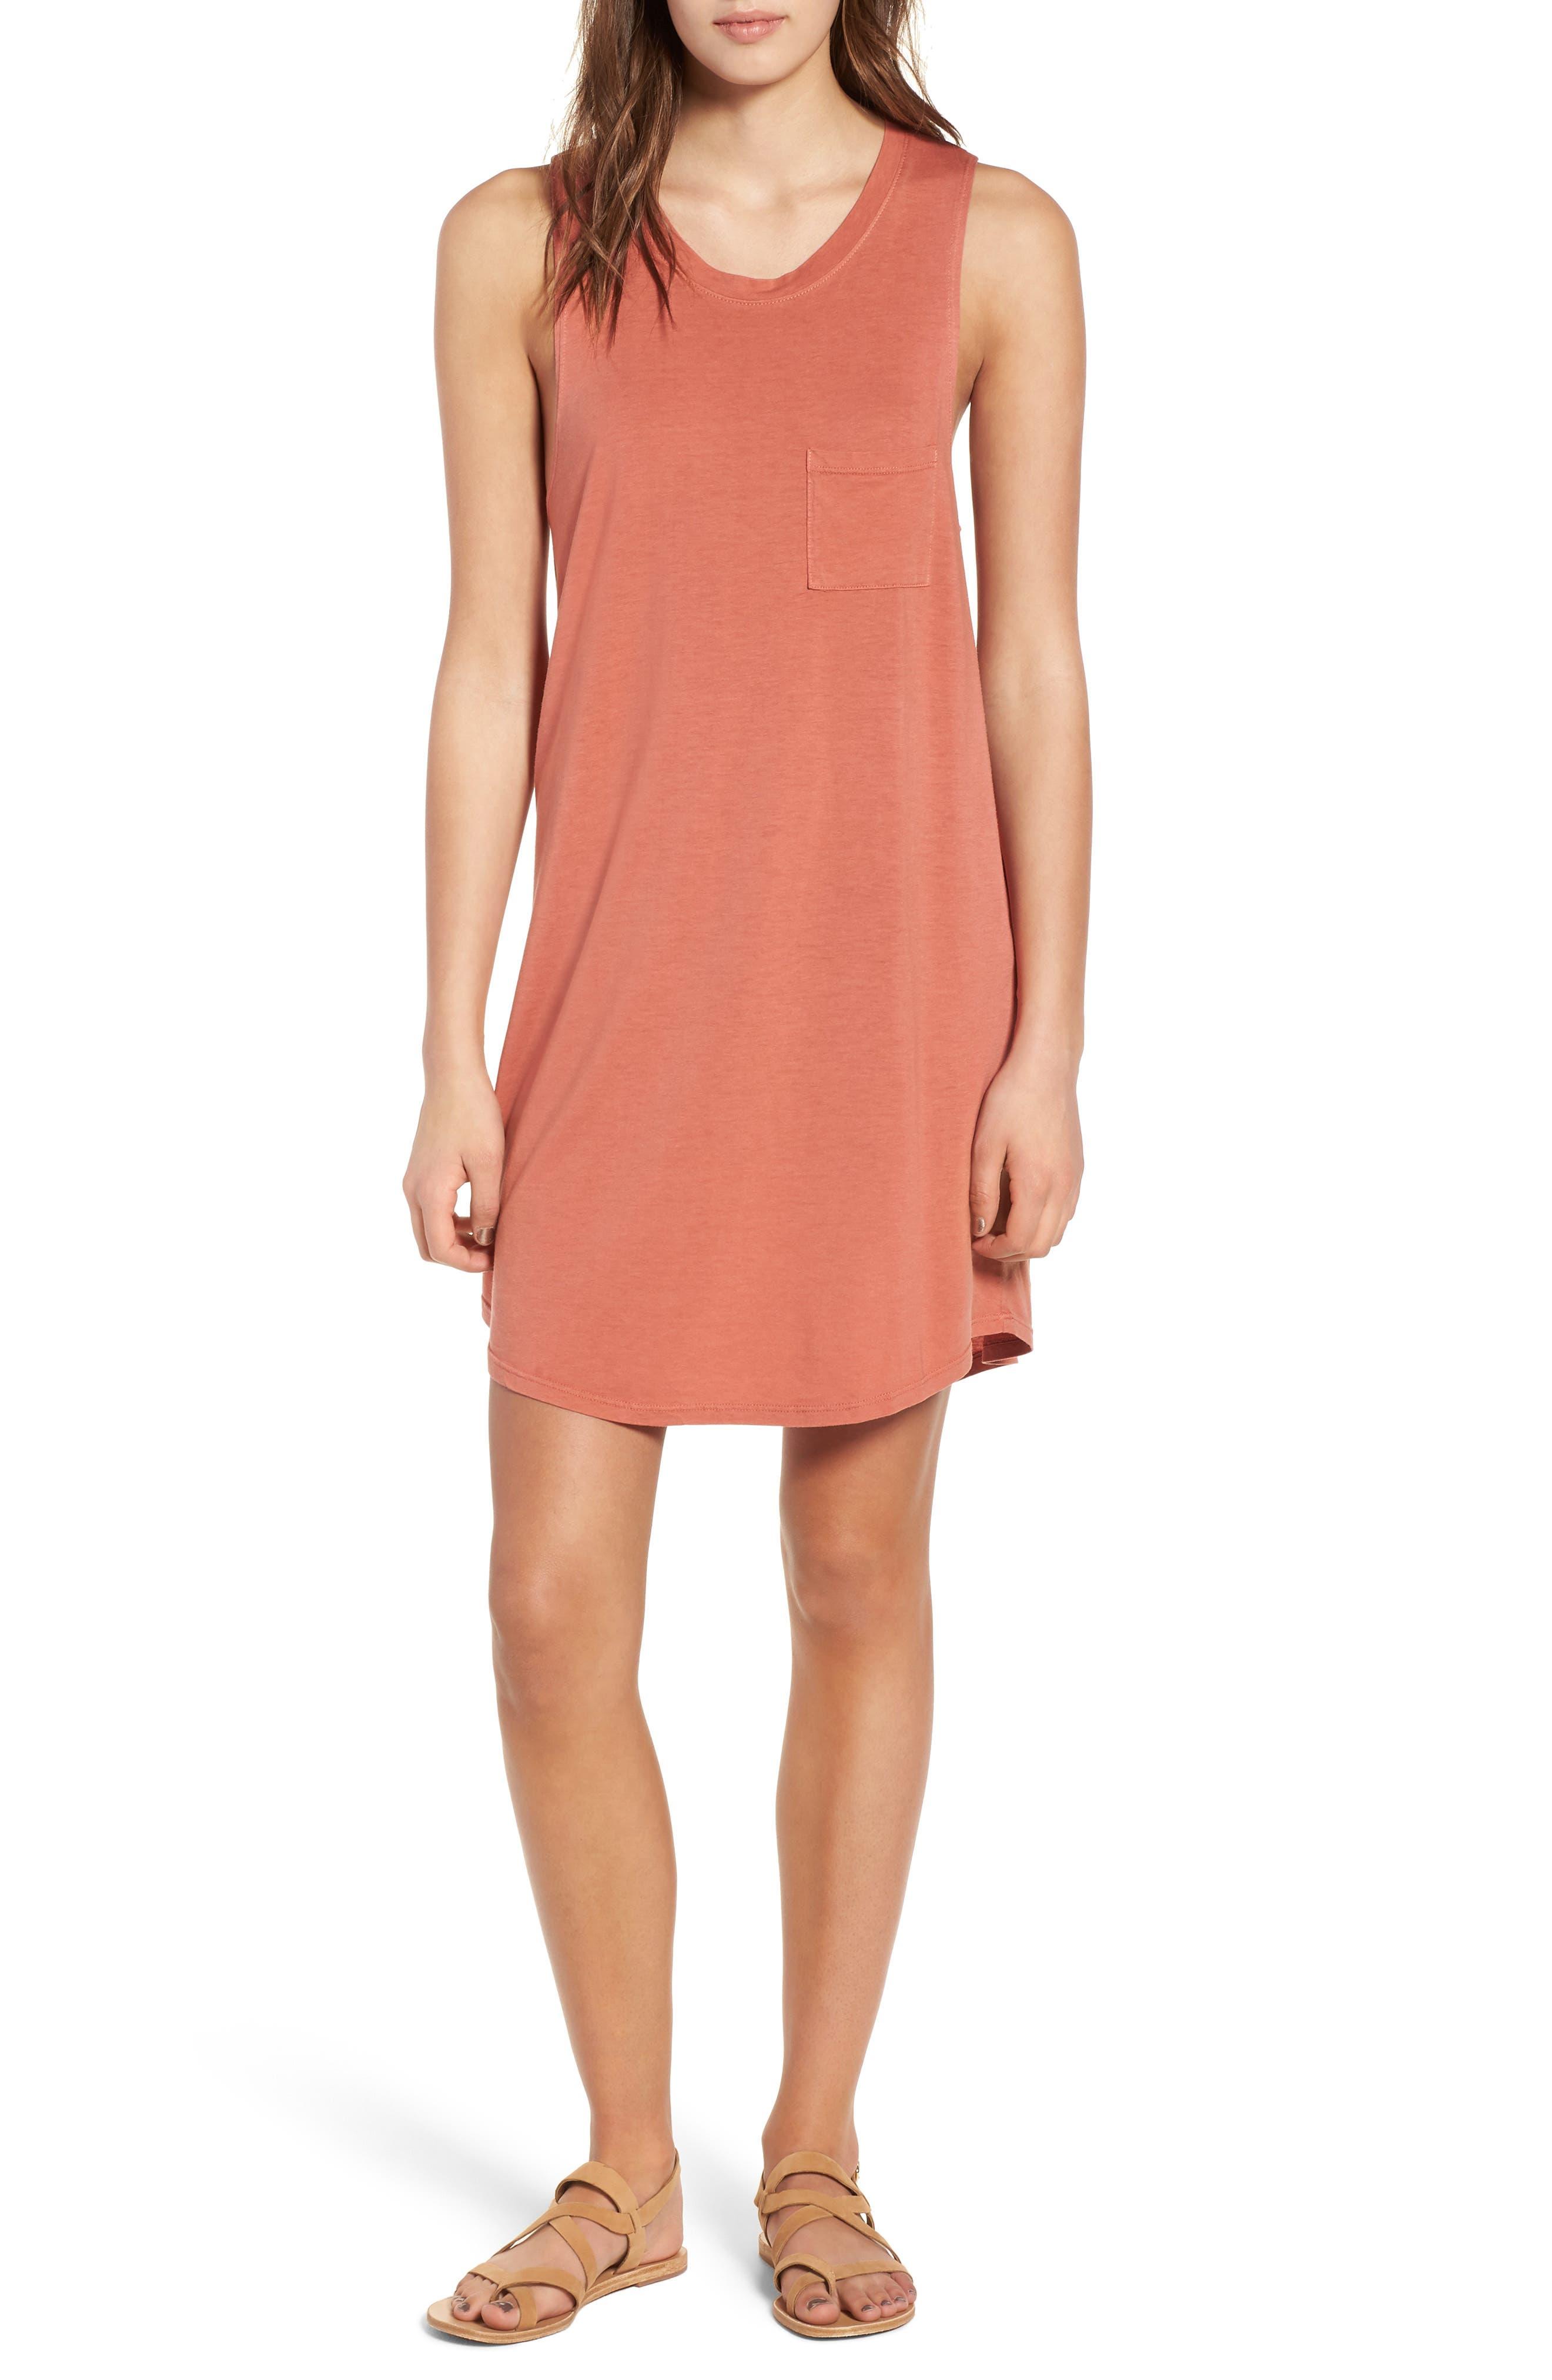 Pocket Tank Dress,                         Main,                         color, PINK DESERT